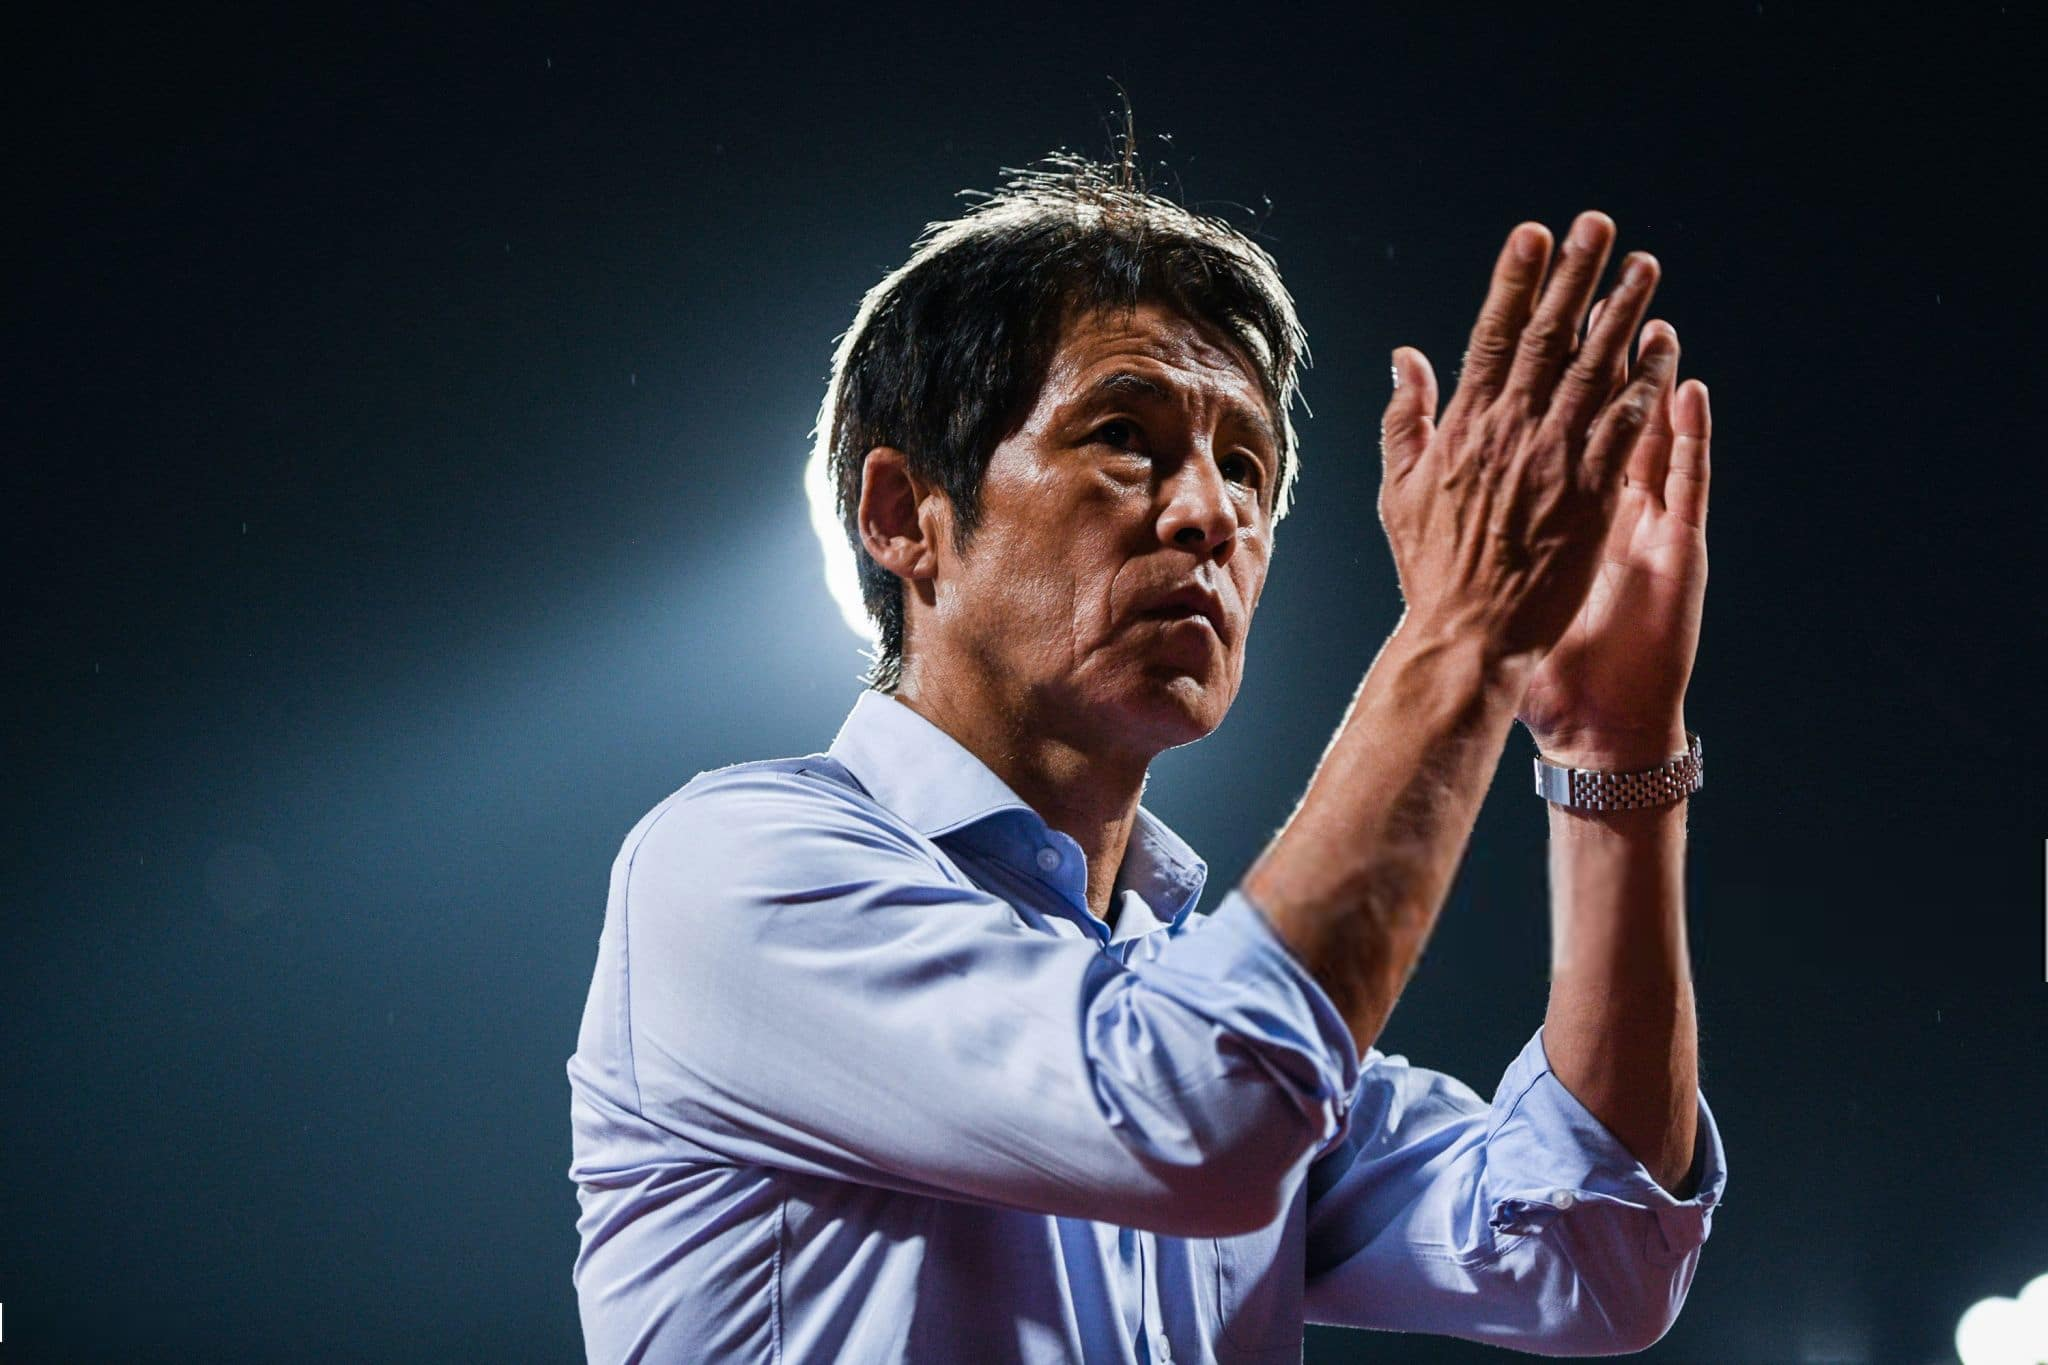 ทีมชาติไทยรายงานตัวมินิแคมป์ก่อนลุยศึกคัดบอลโลก2นัด